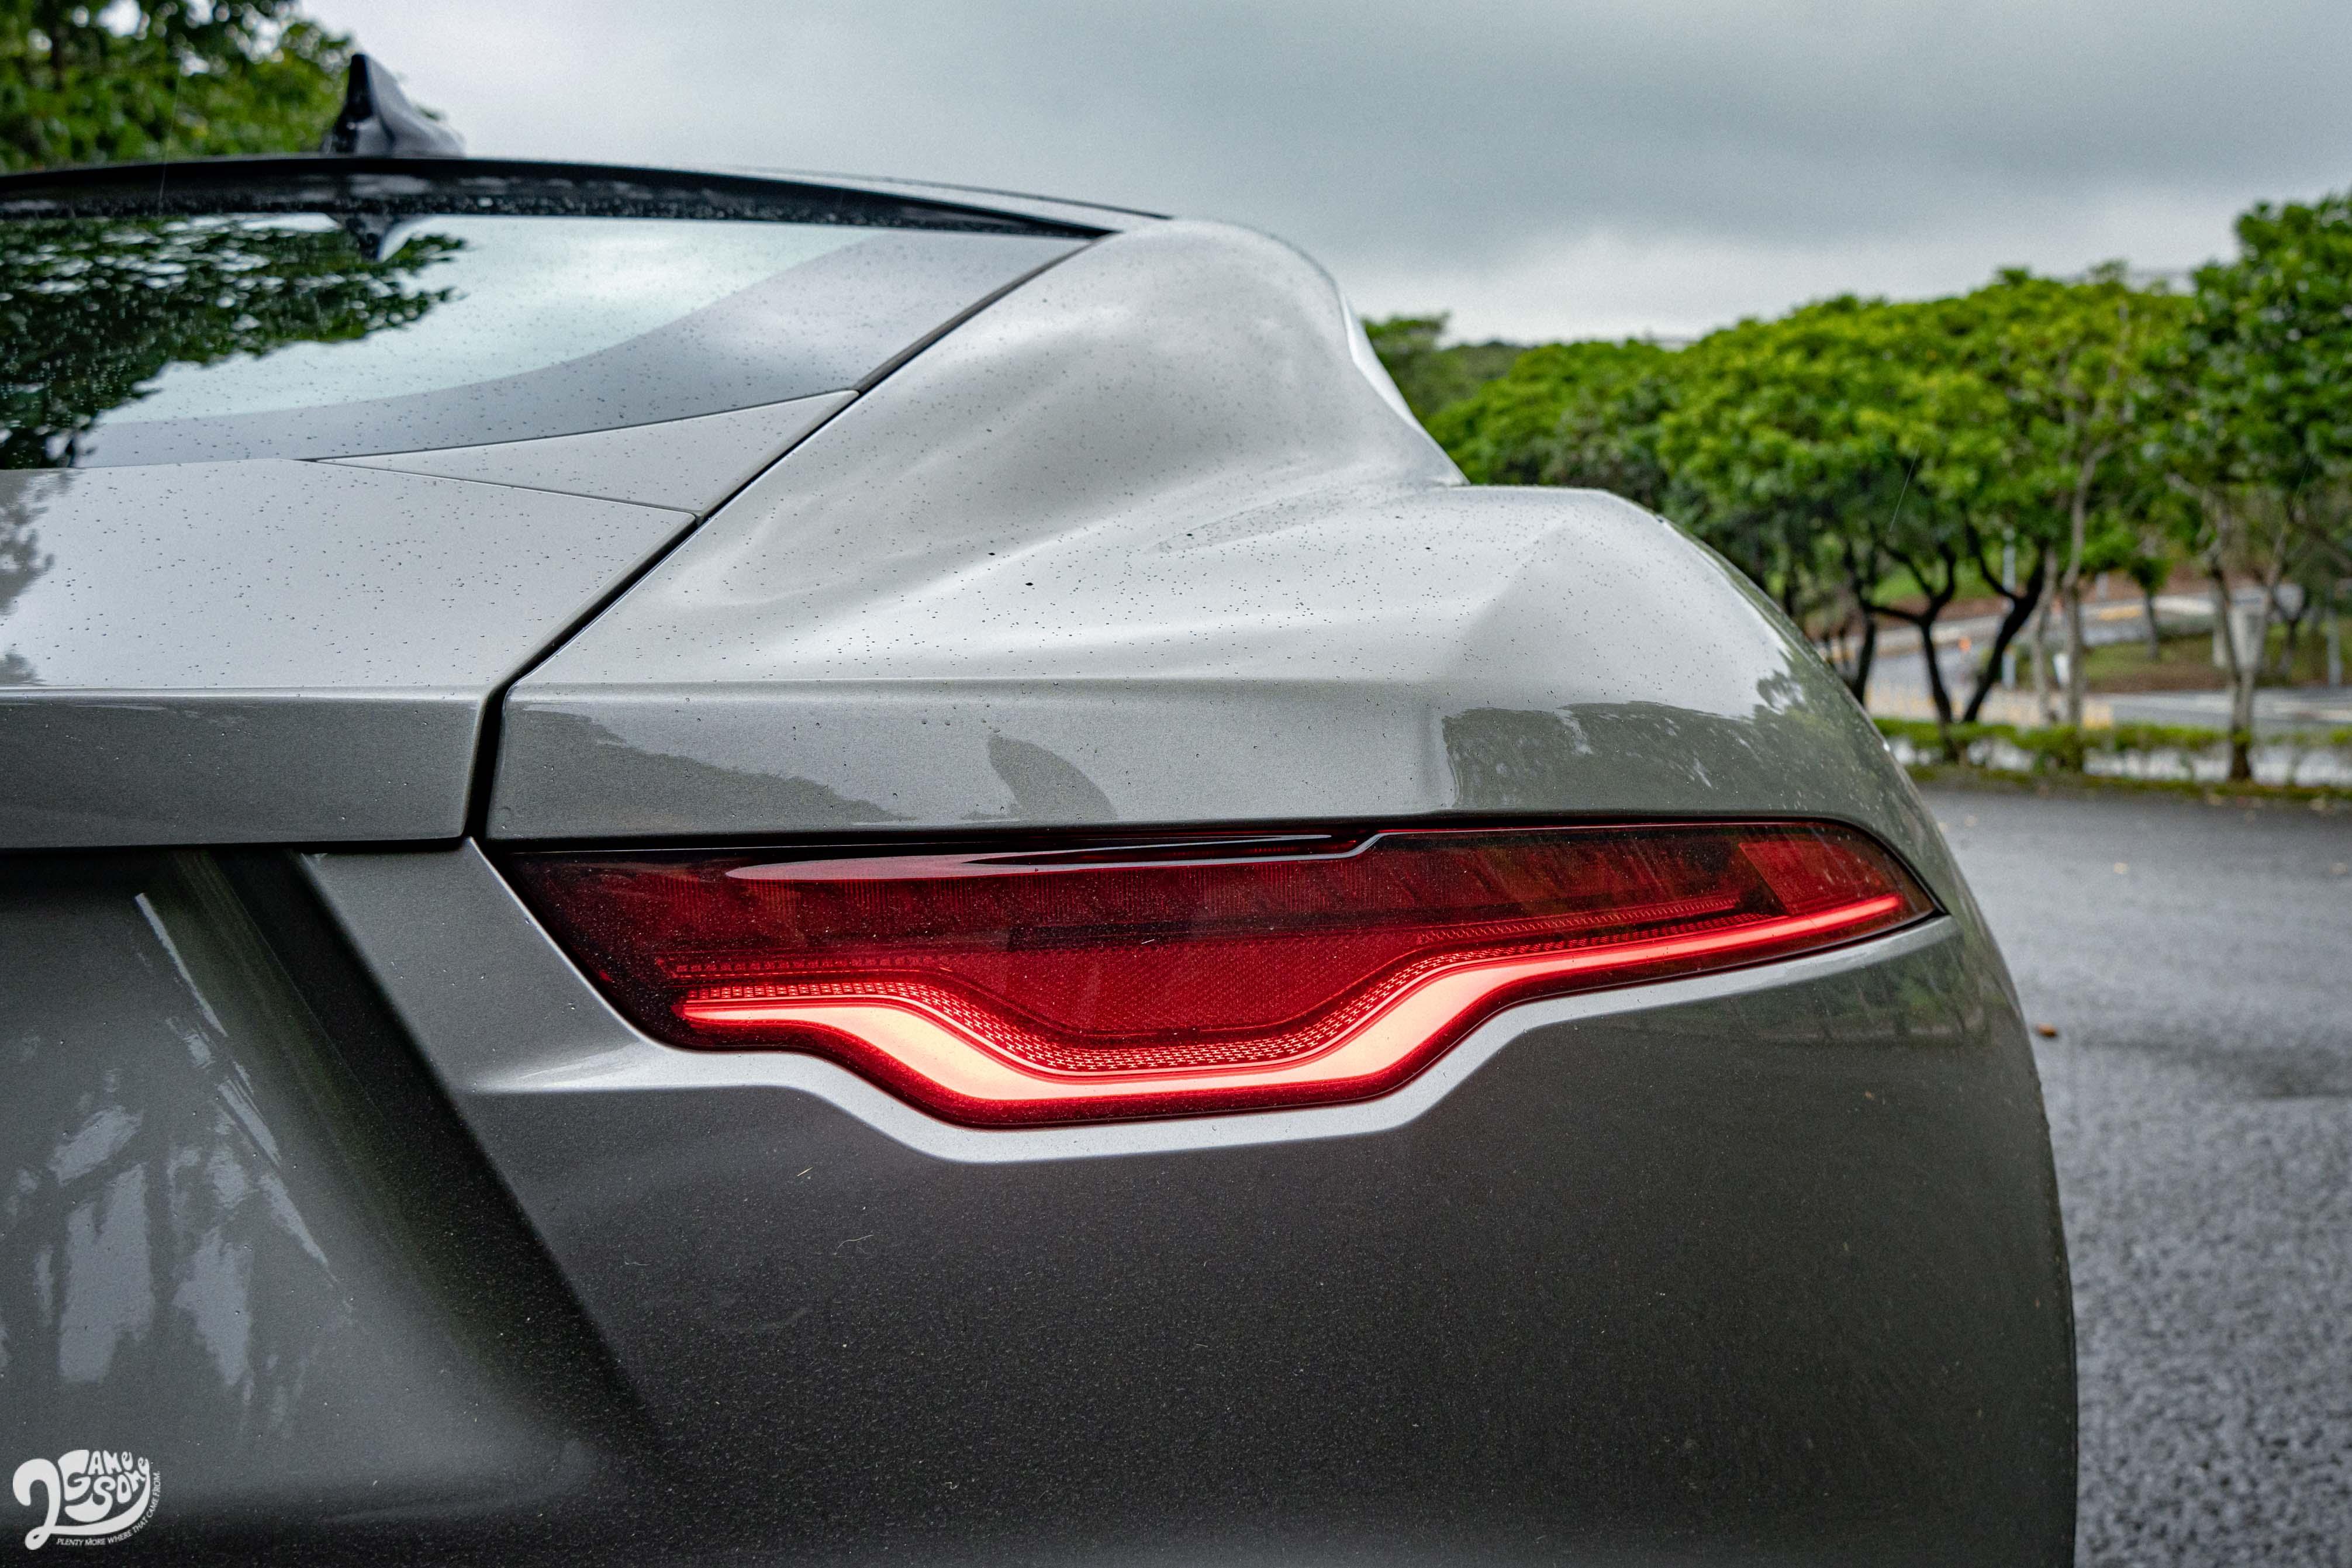 更具銳角的尾燈造型與頭燈相呼應。